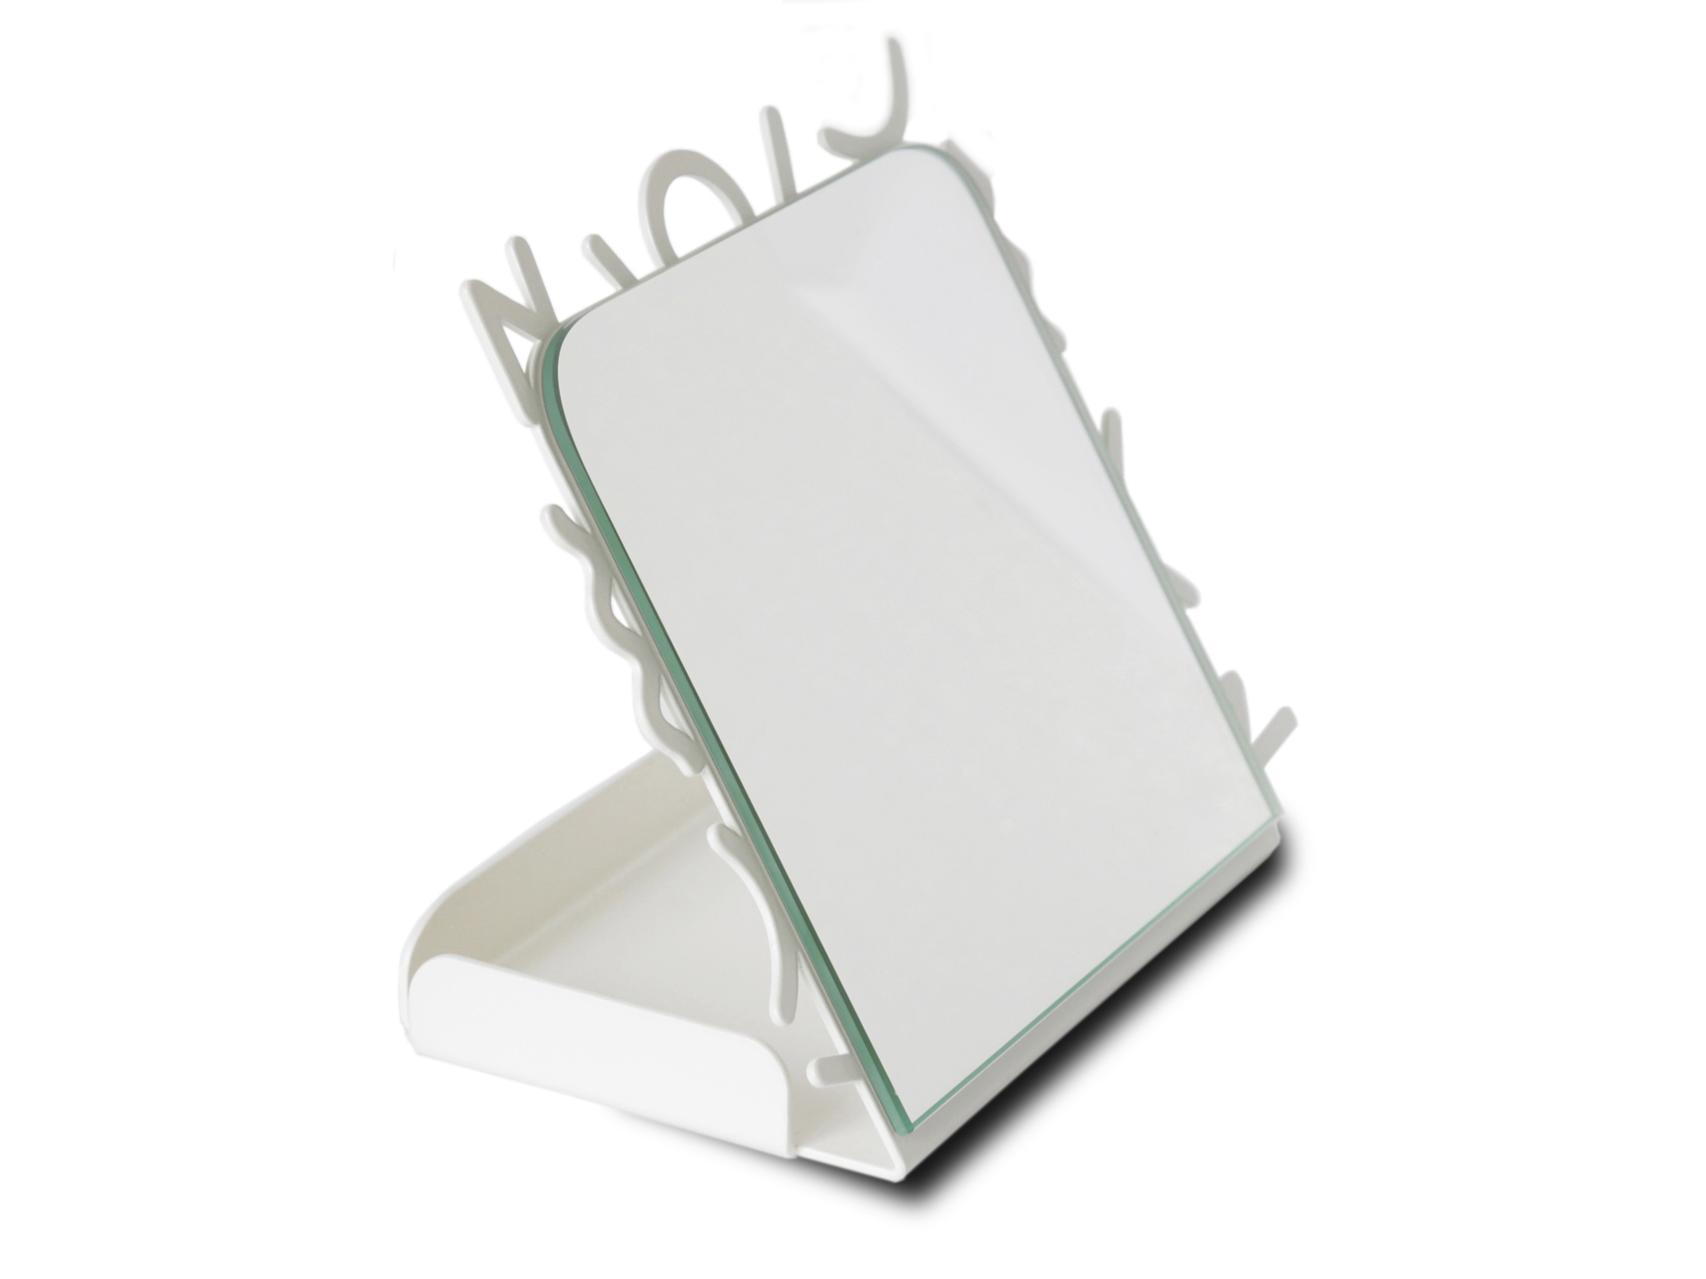 Настольное зеркало Milano80Настольные зеркала<br>Вдохновением для создания настольного зеркала MILANO80 послужило творчество&amp;nbsp;Memphis Group - группы итальянских дизайнеров, которые&amp;nbsp;с 1981 по 1987 год&amp;nbsp;создавали&amp;nbsp;постмодернистскую мебель. Творения&amp;nbsp;Memphis Group&amp;nbsp;характеризовались эфемерным дизайном с красочным орнаментом и асимметричными формами.Настольное зеркало MILANO80 станет неотъемлемым атрибутом <br>Вашего&amp;nbsp;современного интерьера, а также прекрасным подарком для ценителей<br> концептуального декора.<br><br>kit: None<br>gender: None